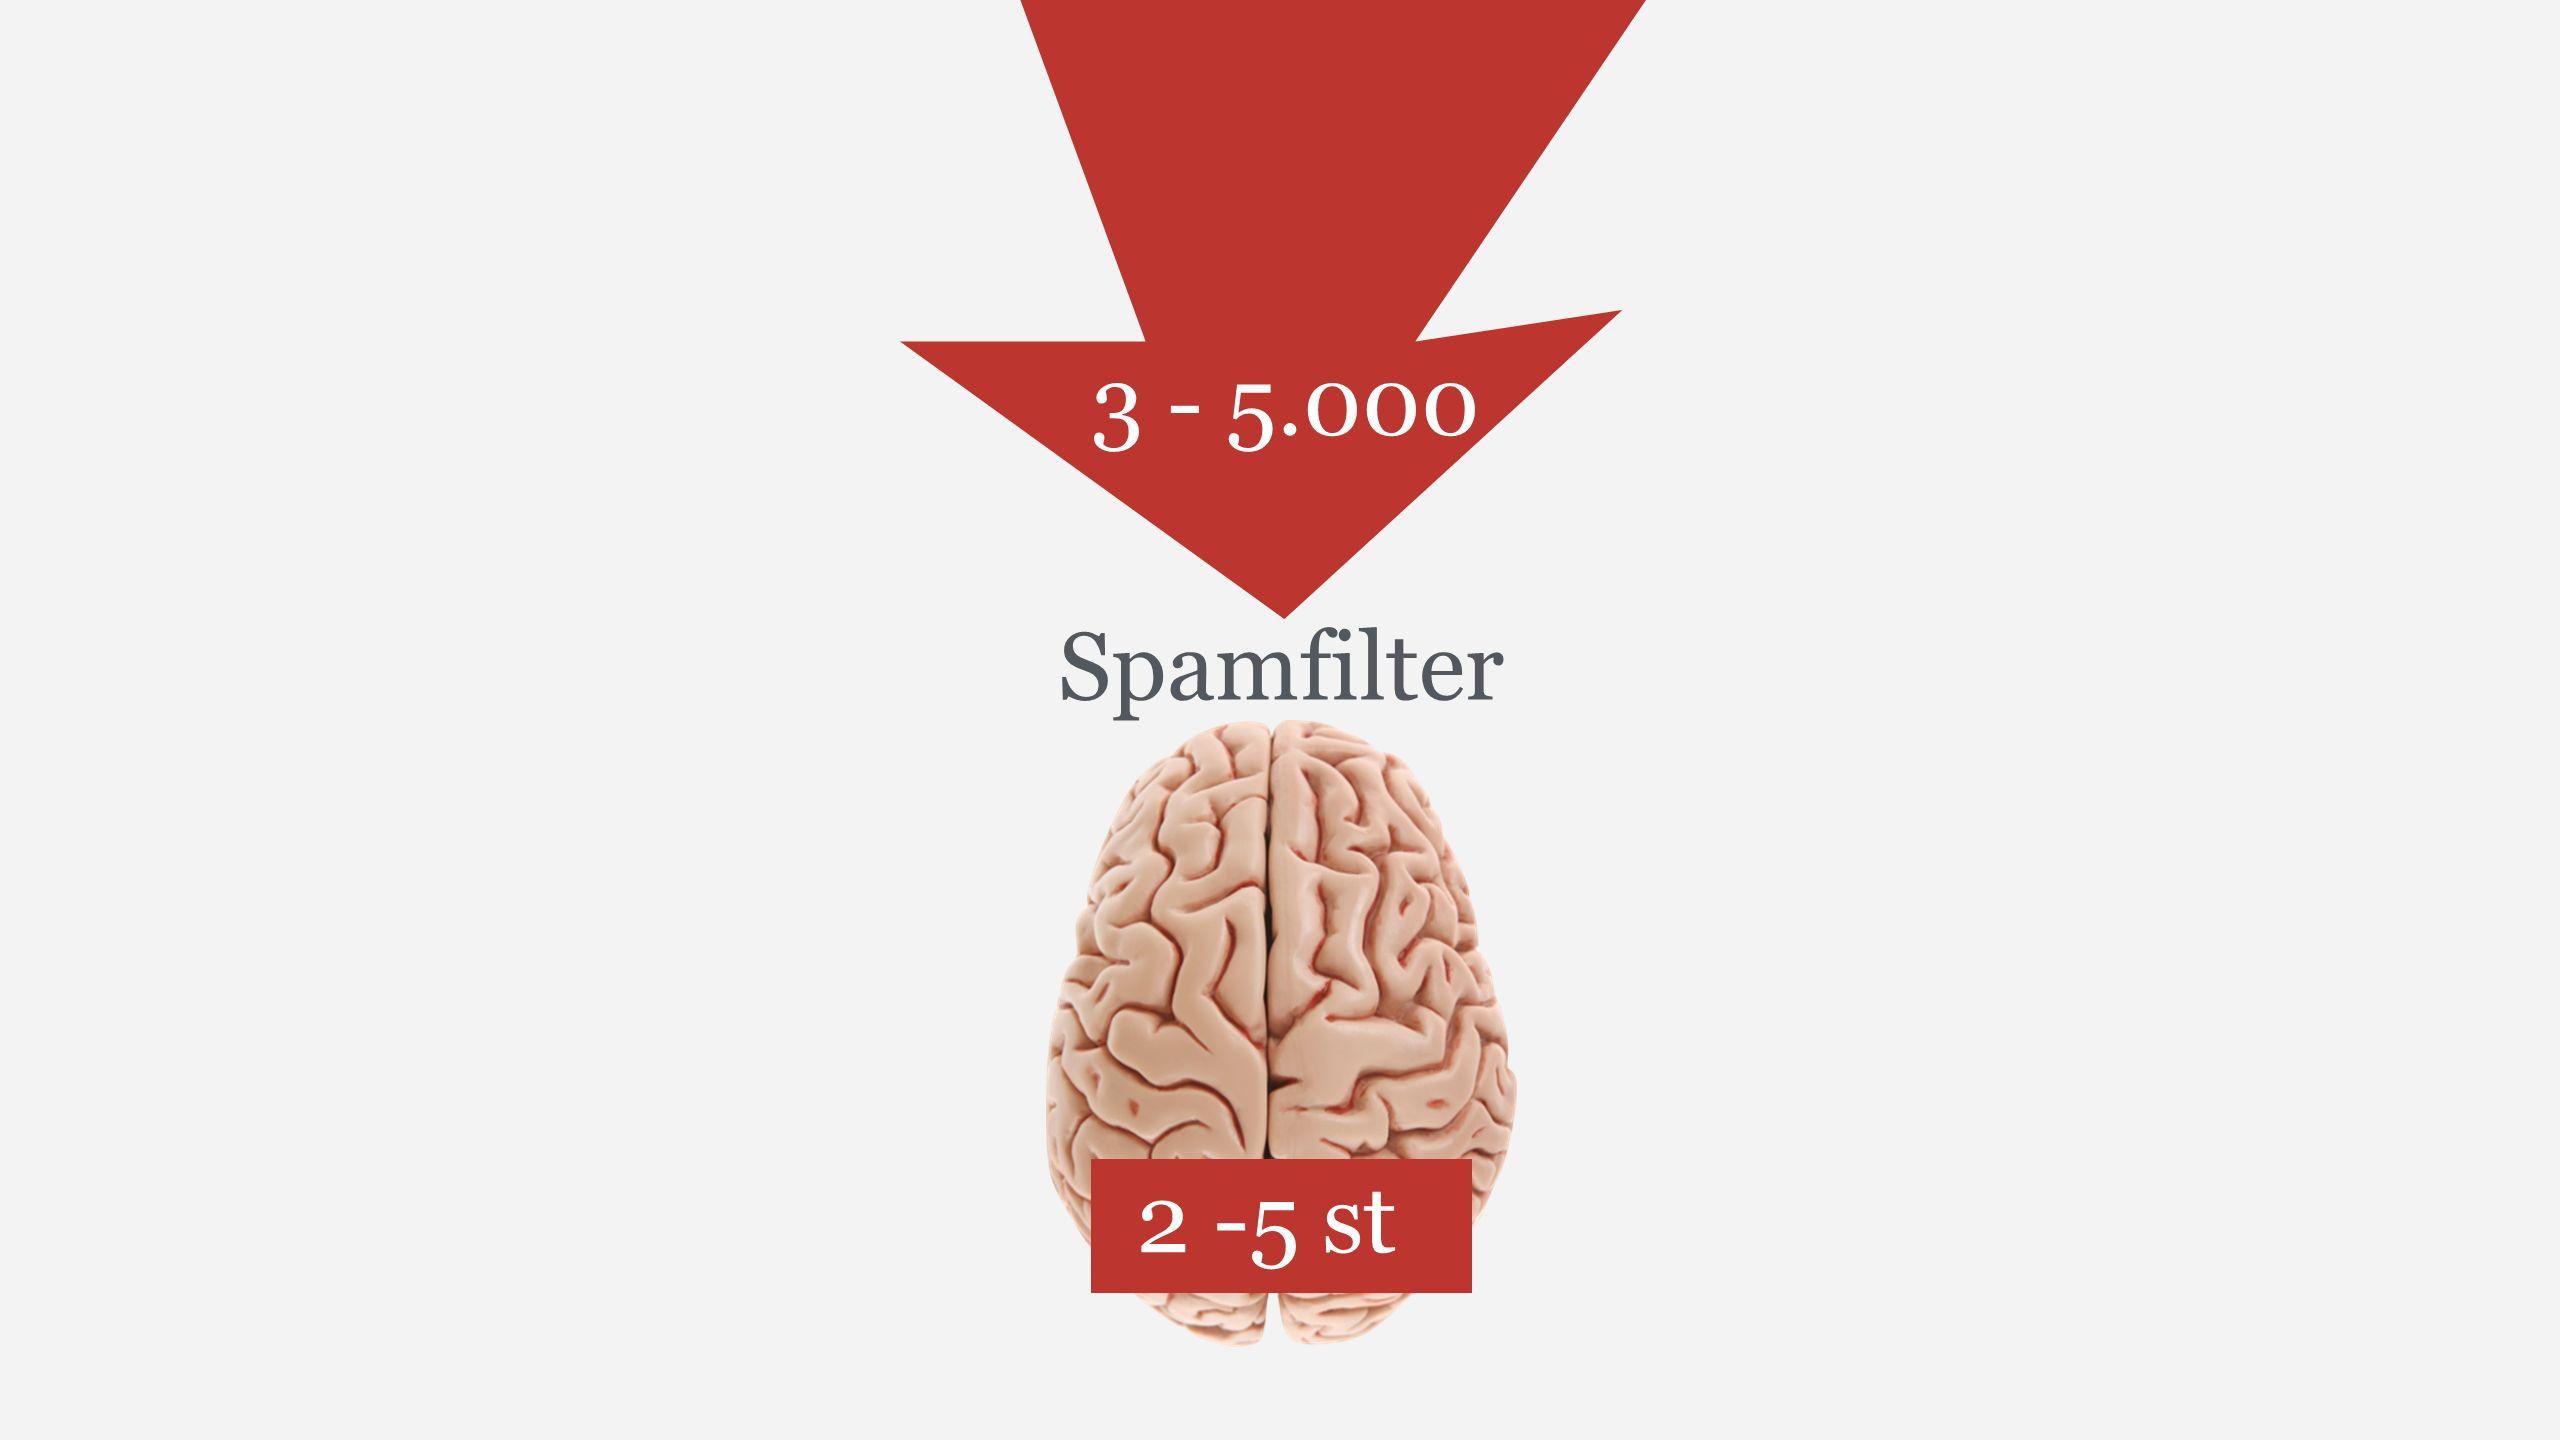 3 - 5.000 2 -5 st Spamfilter